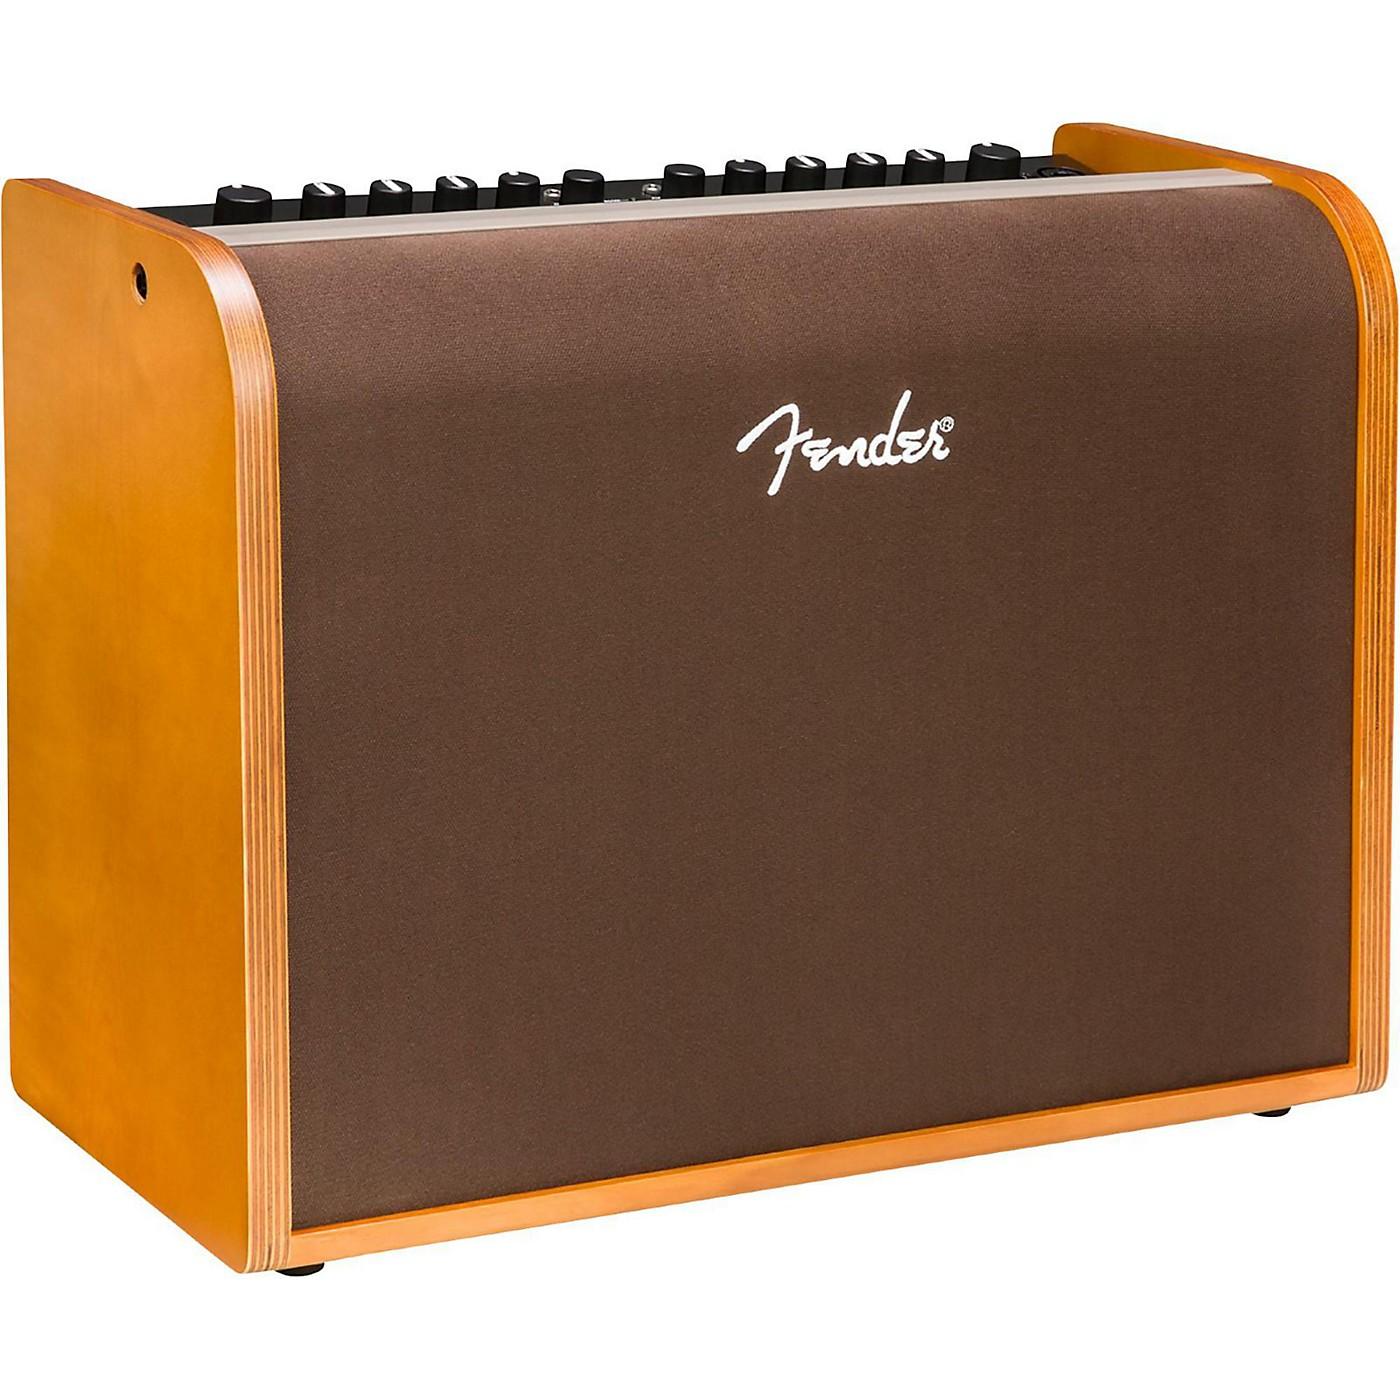 Fender Acoustic 100 100W 1x8 Acoustic Guitar Combo Amplifier thumbnail